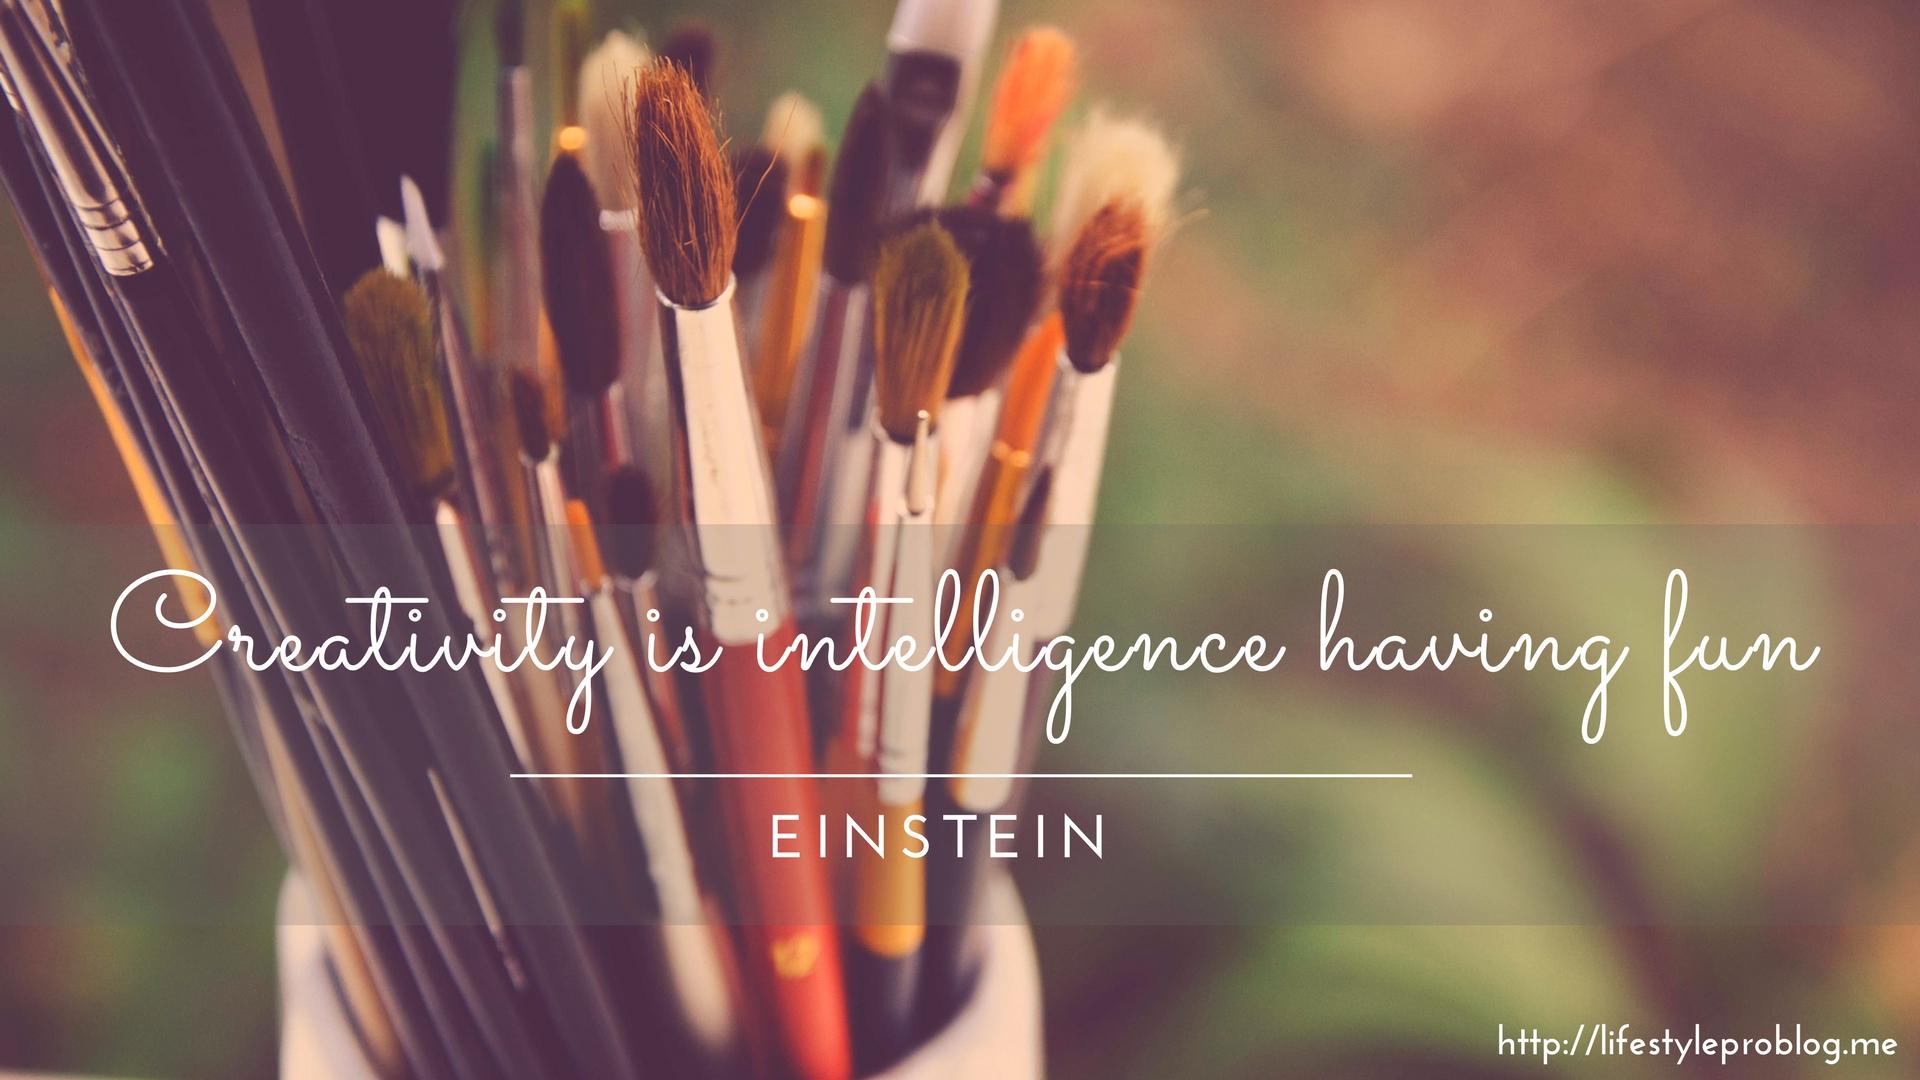 #AtoZChallenge : Einstein Quote